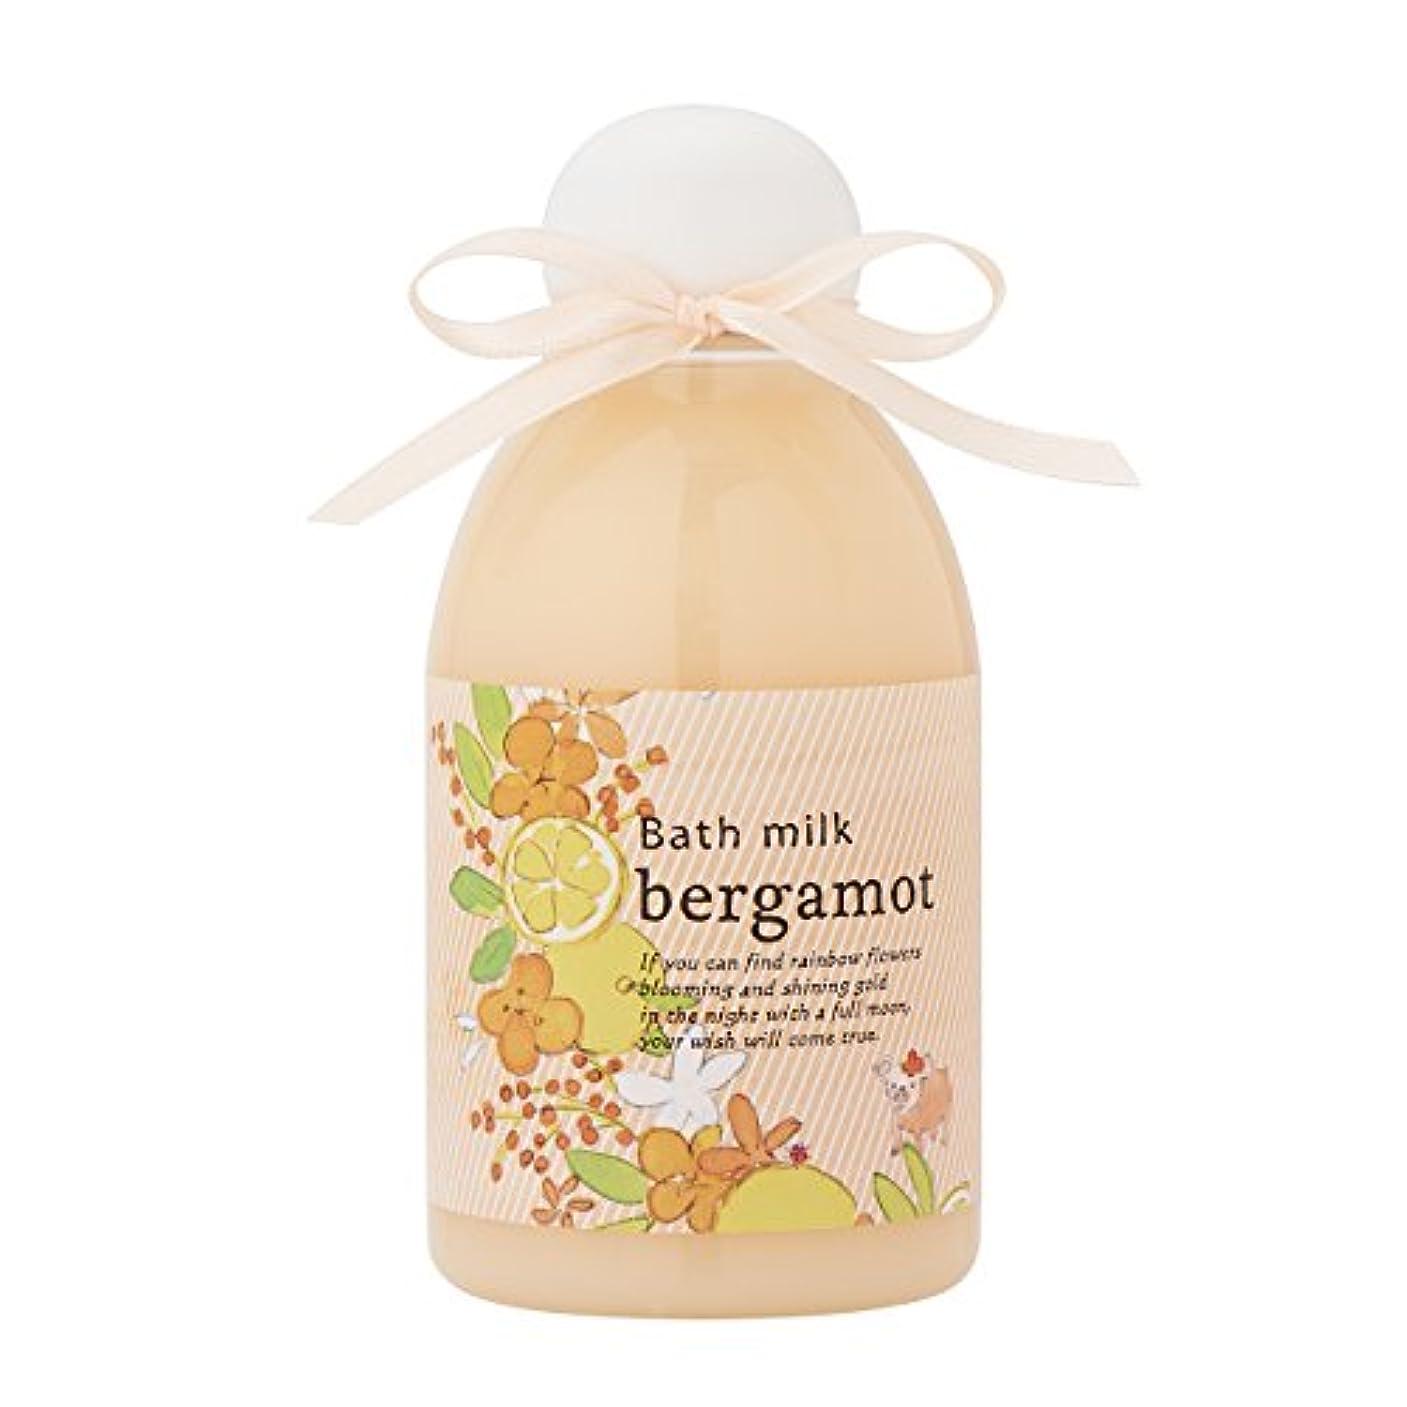 マウス治安判事後サンハーブ バスミルク ベルガモット 200ml(バブルバスタイプ入浴料 泡風呂 懐かしい甘酸っぱい香り)